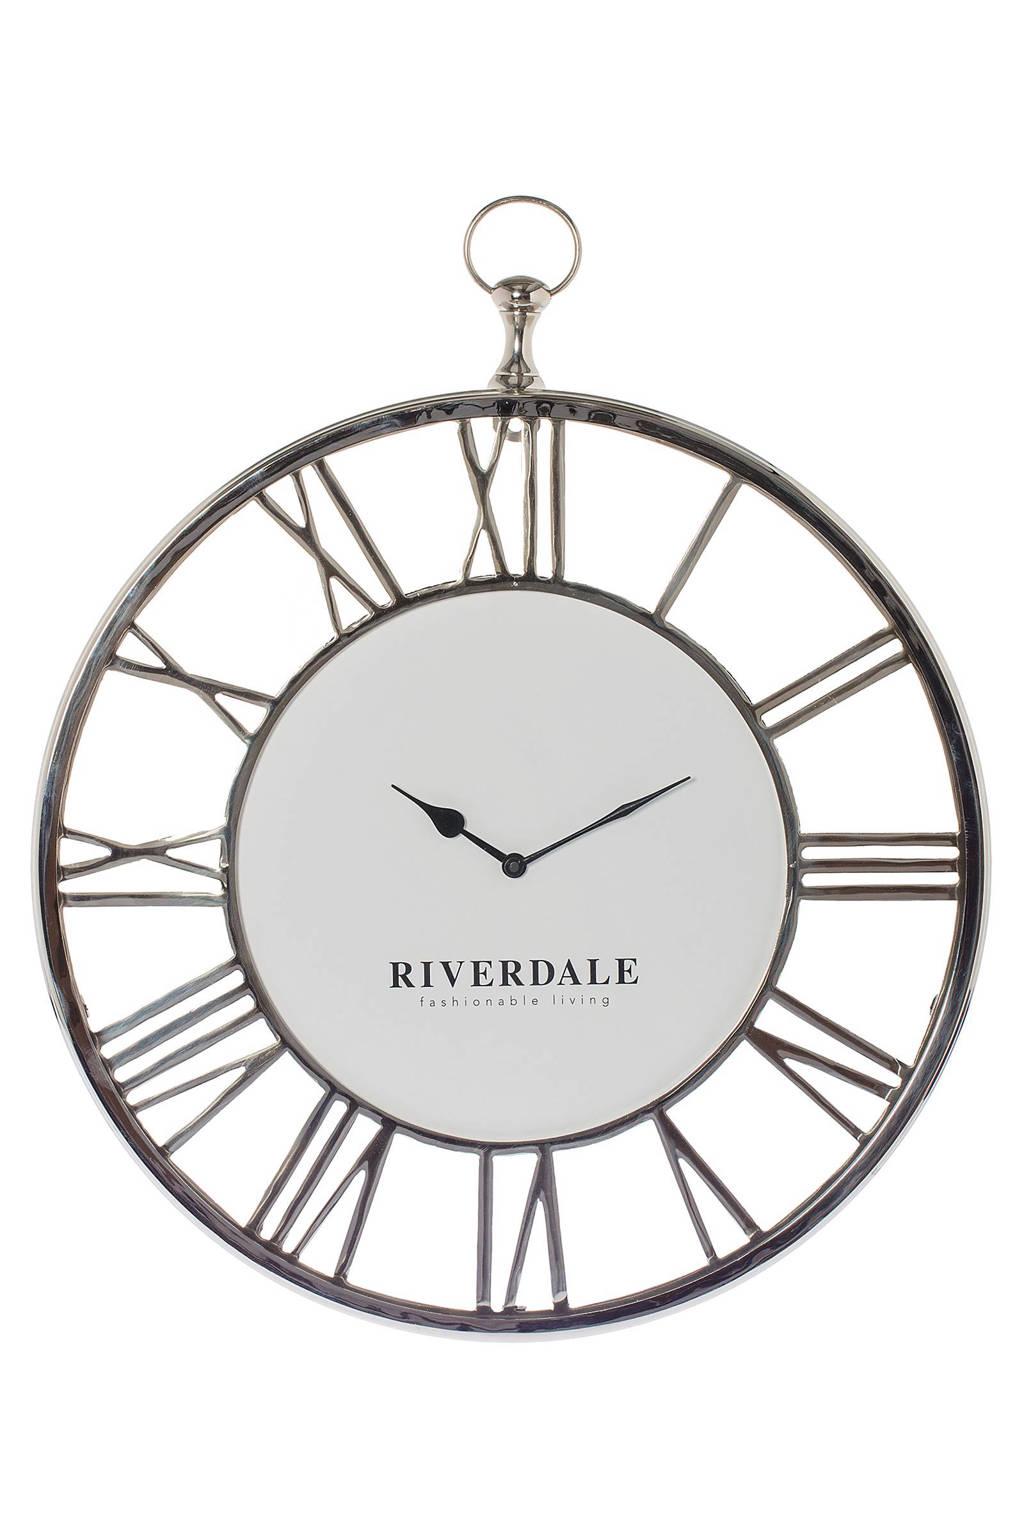 Riverdale wandklok Luton (50 cm), Zilver